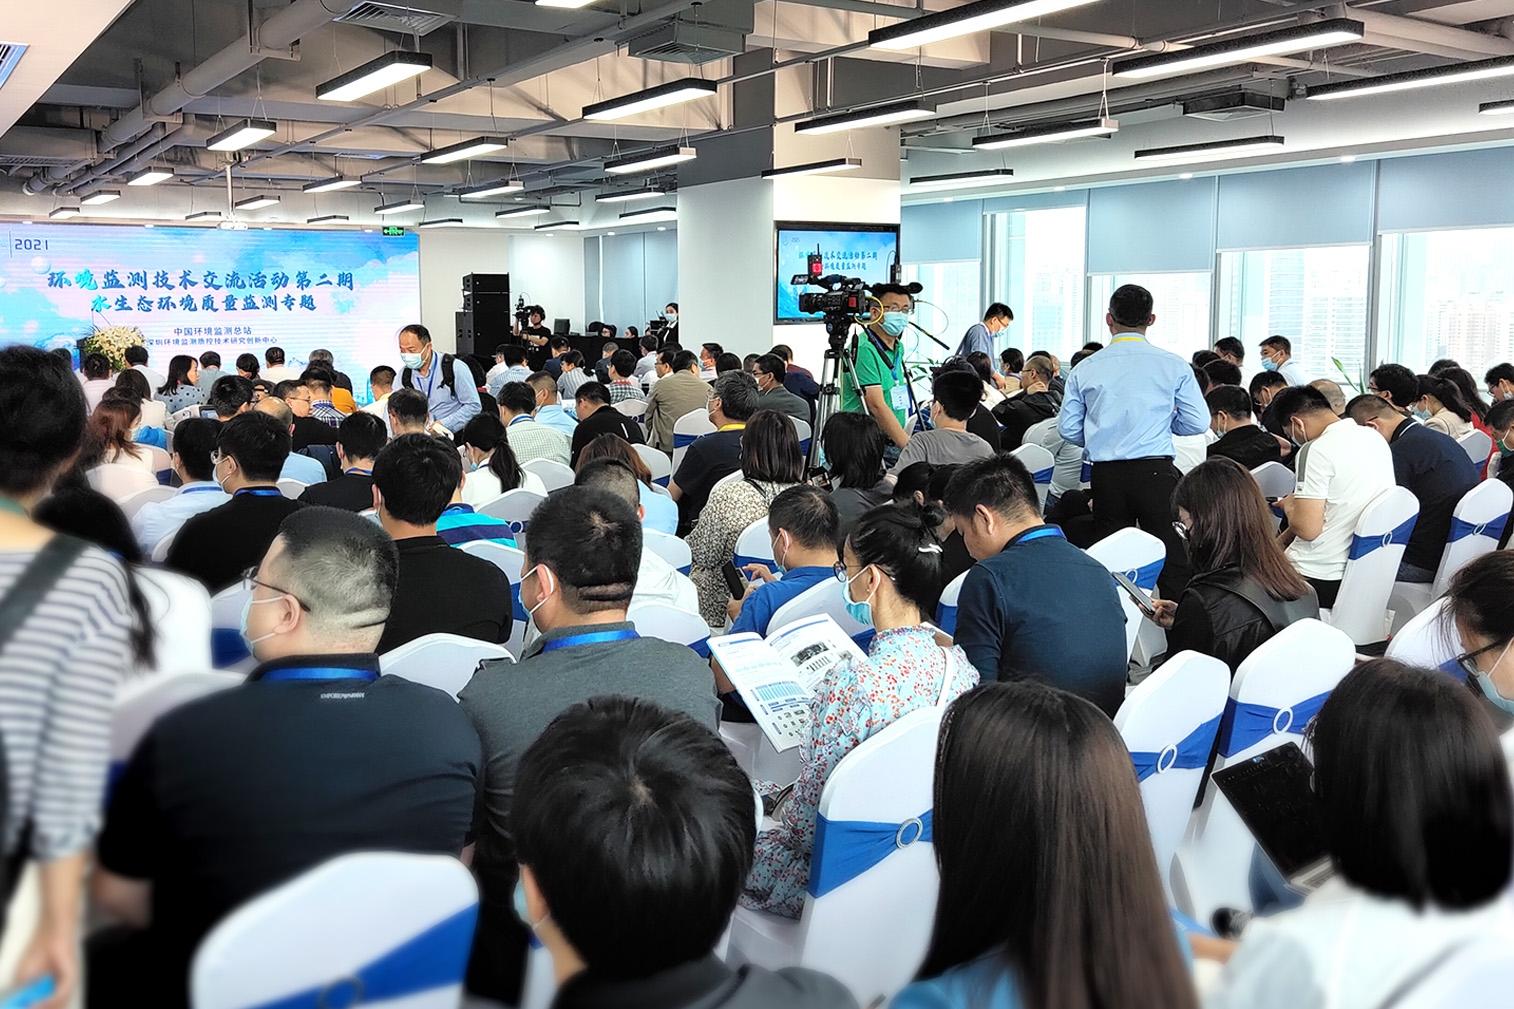 中国环境监测总站创新中心技术研讨会等三大盛会在粤召开